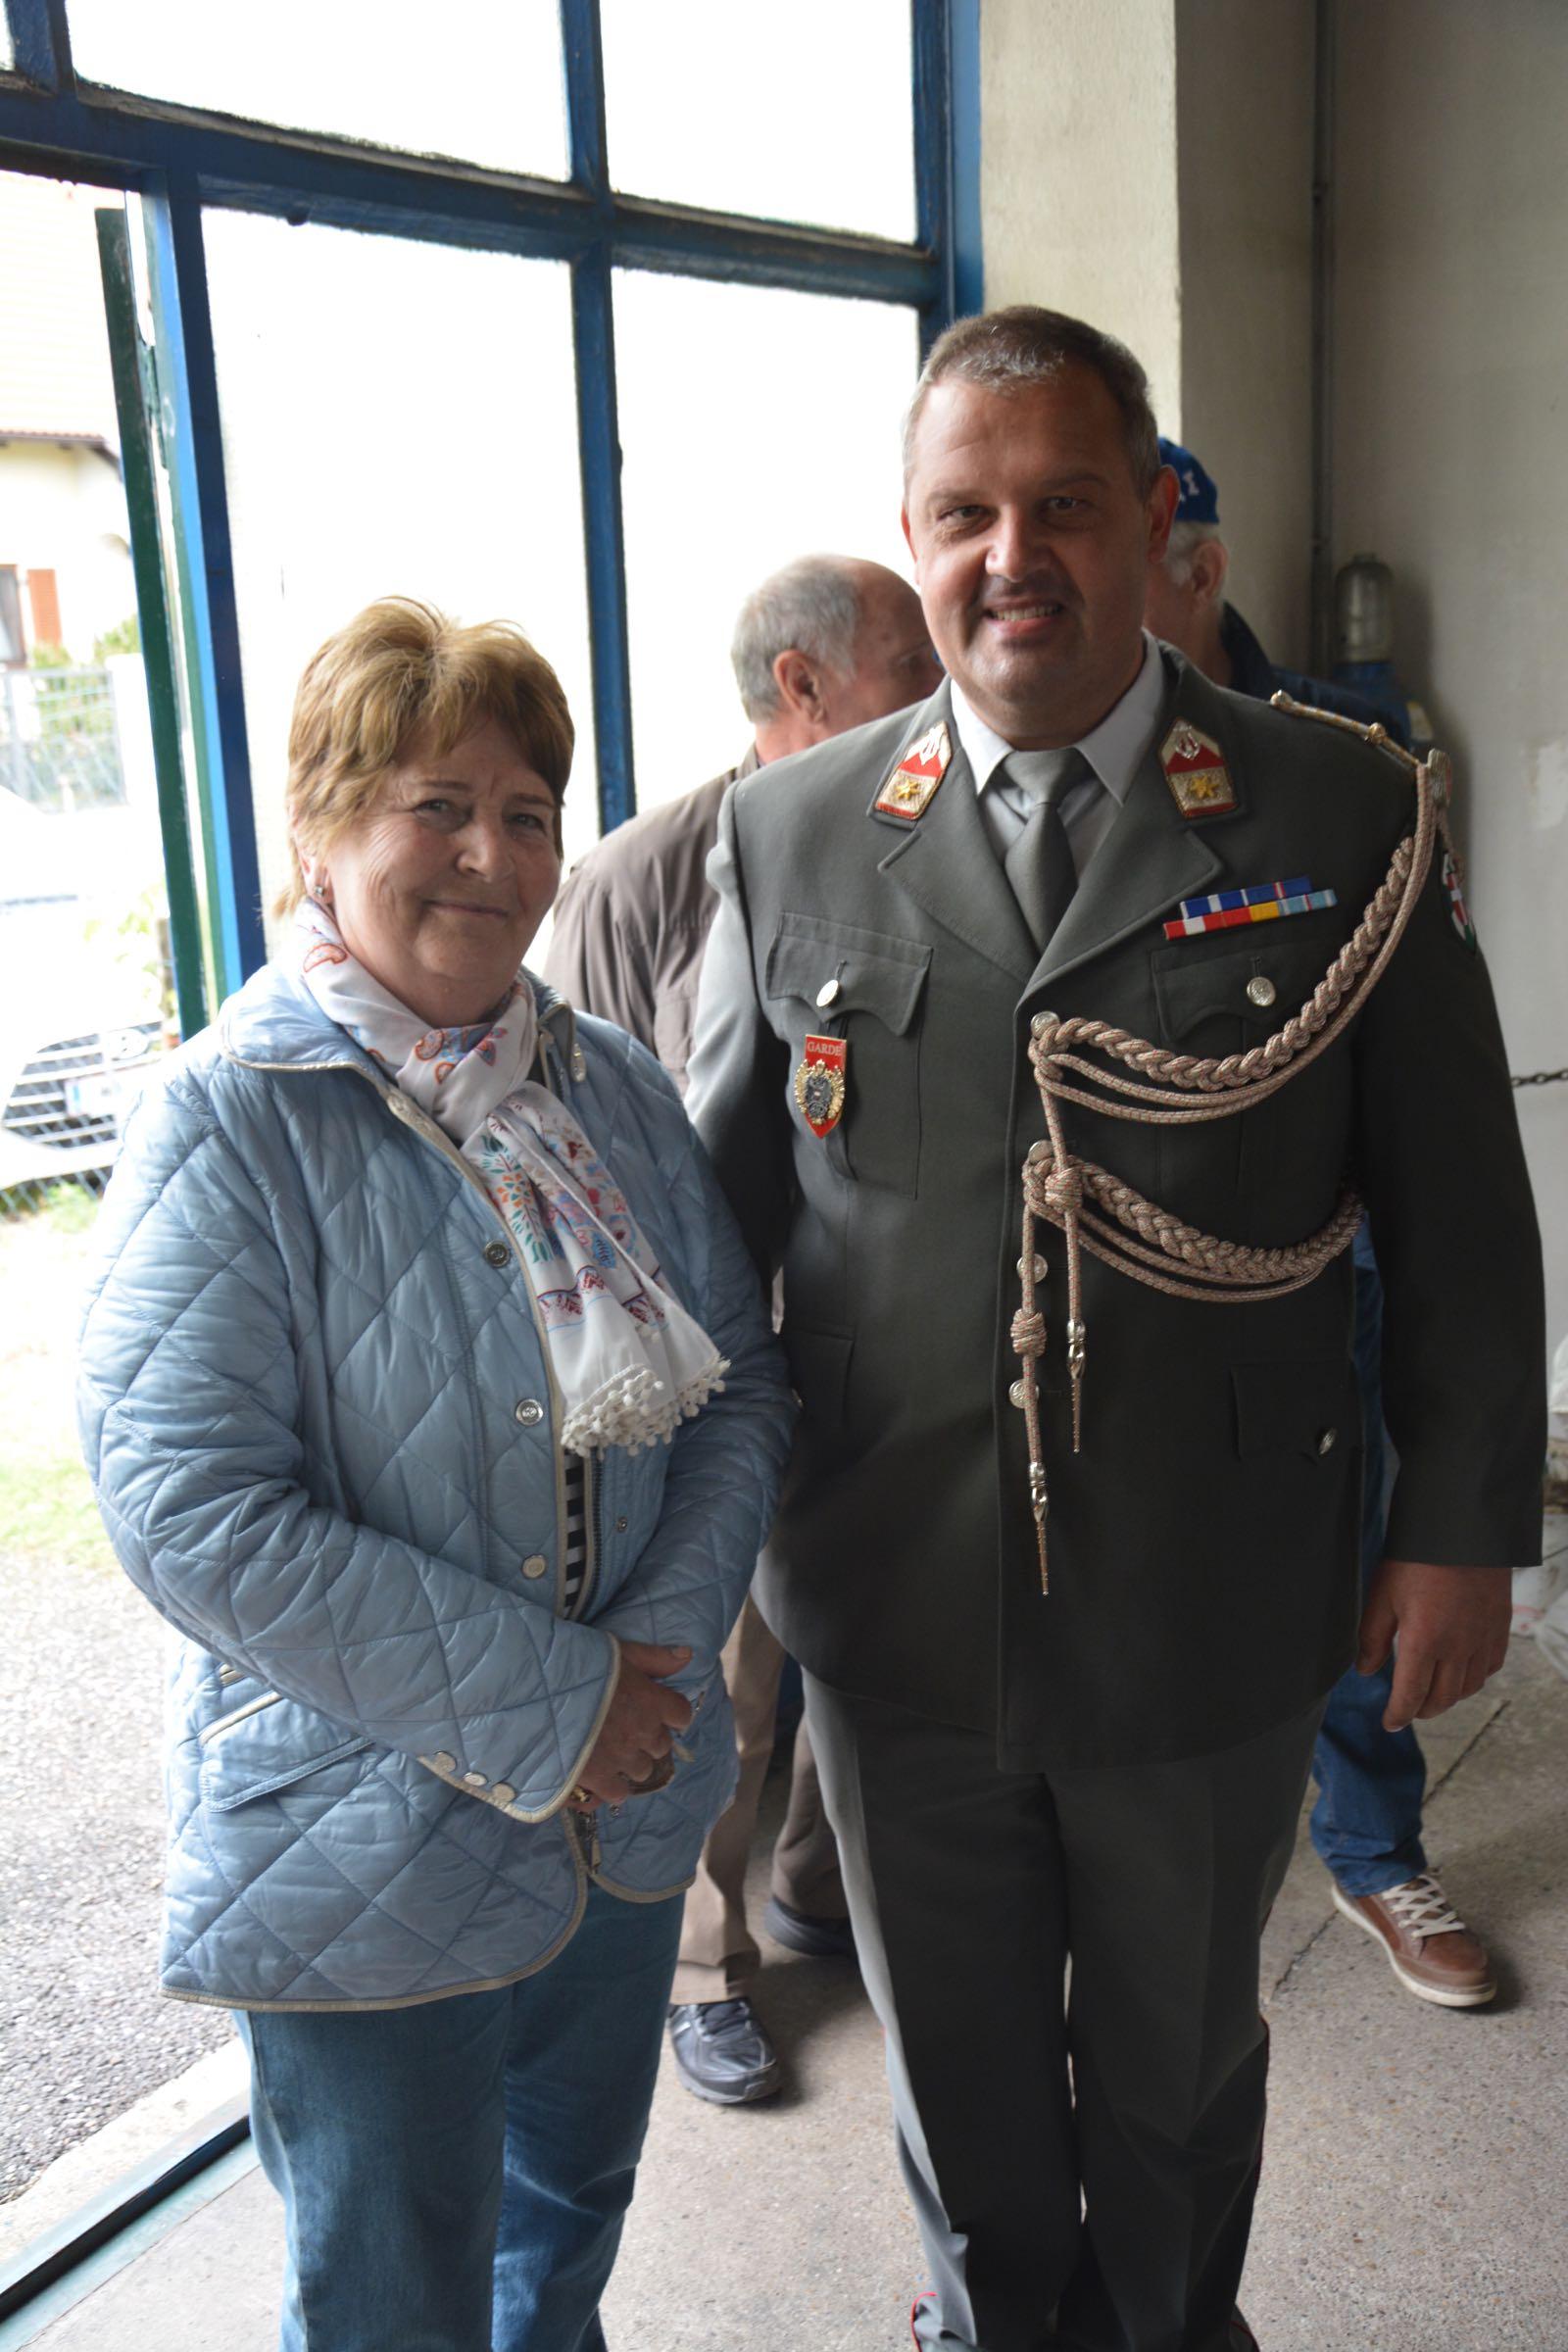 2019_05_09_Garde_Gardemuisk_BgdrNAGL - 27 of 36